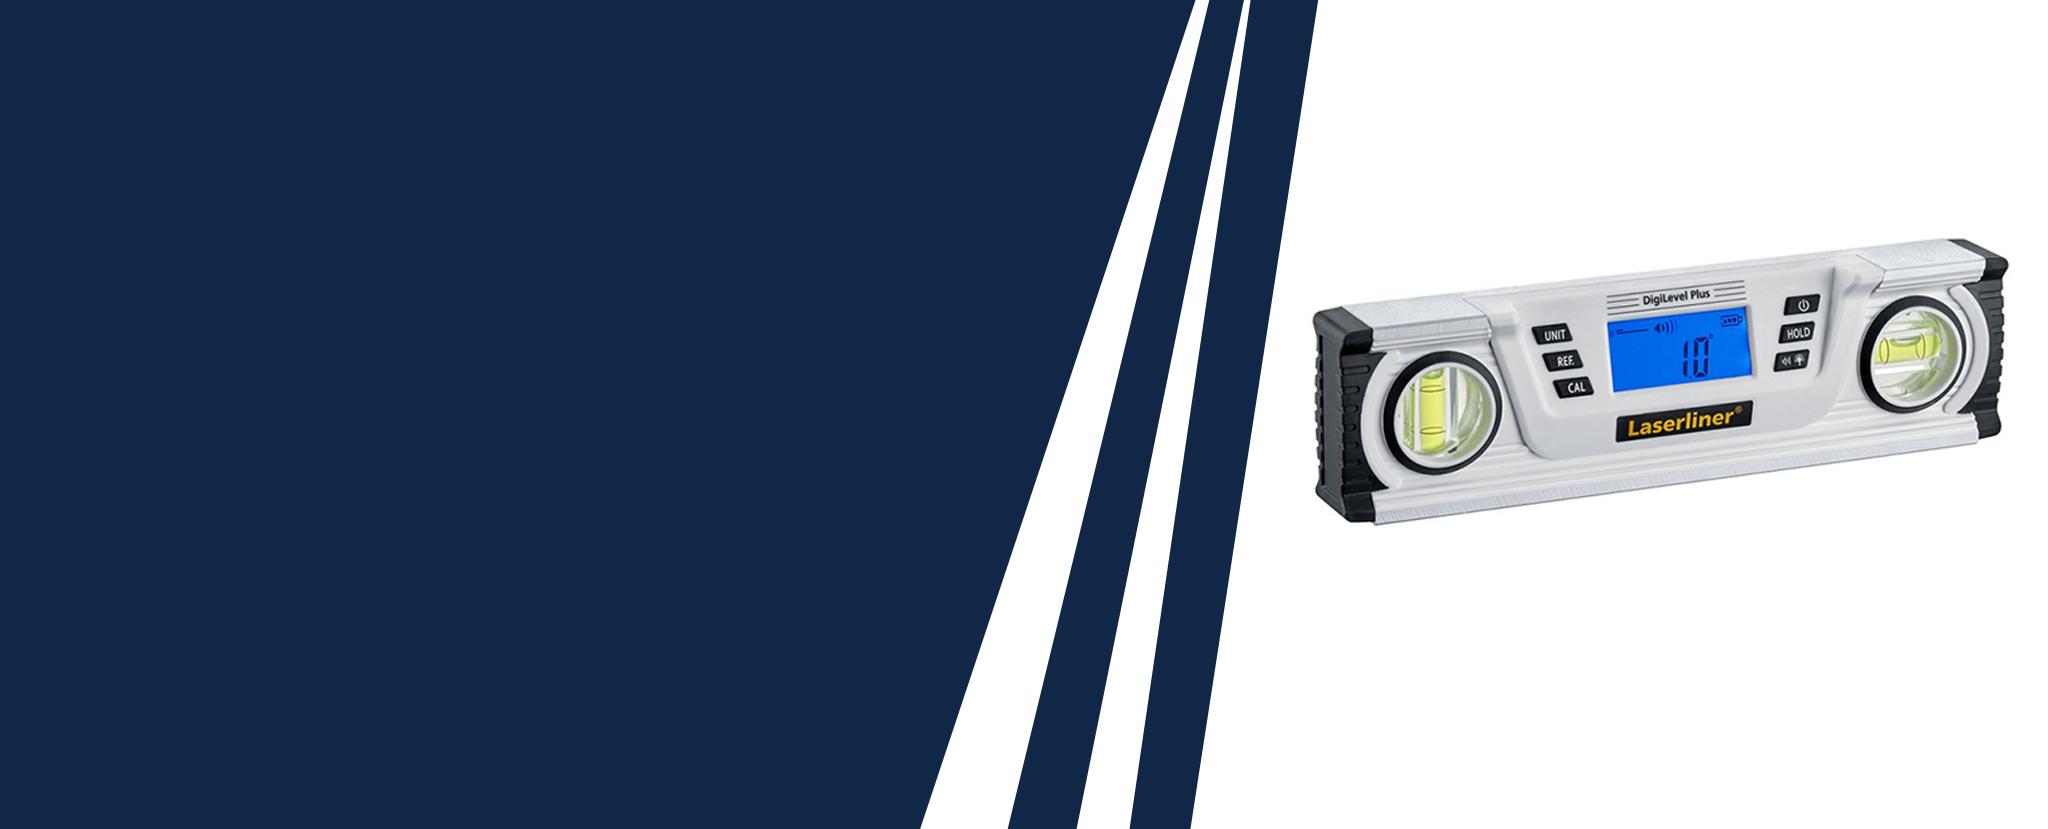 LaserLiner LaserRange-Master T4 Pro